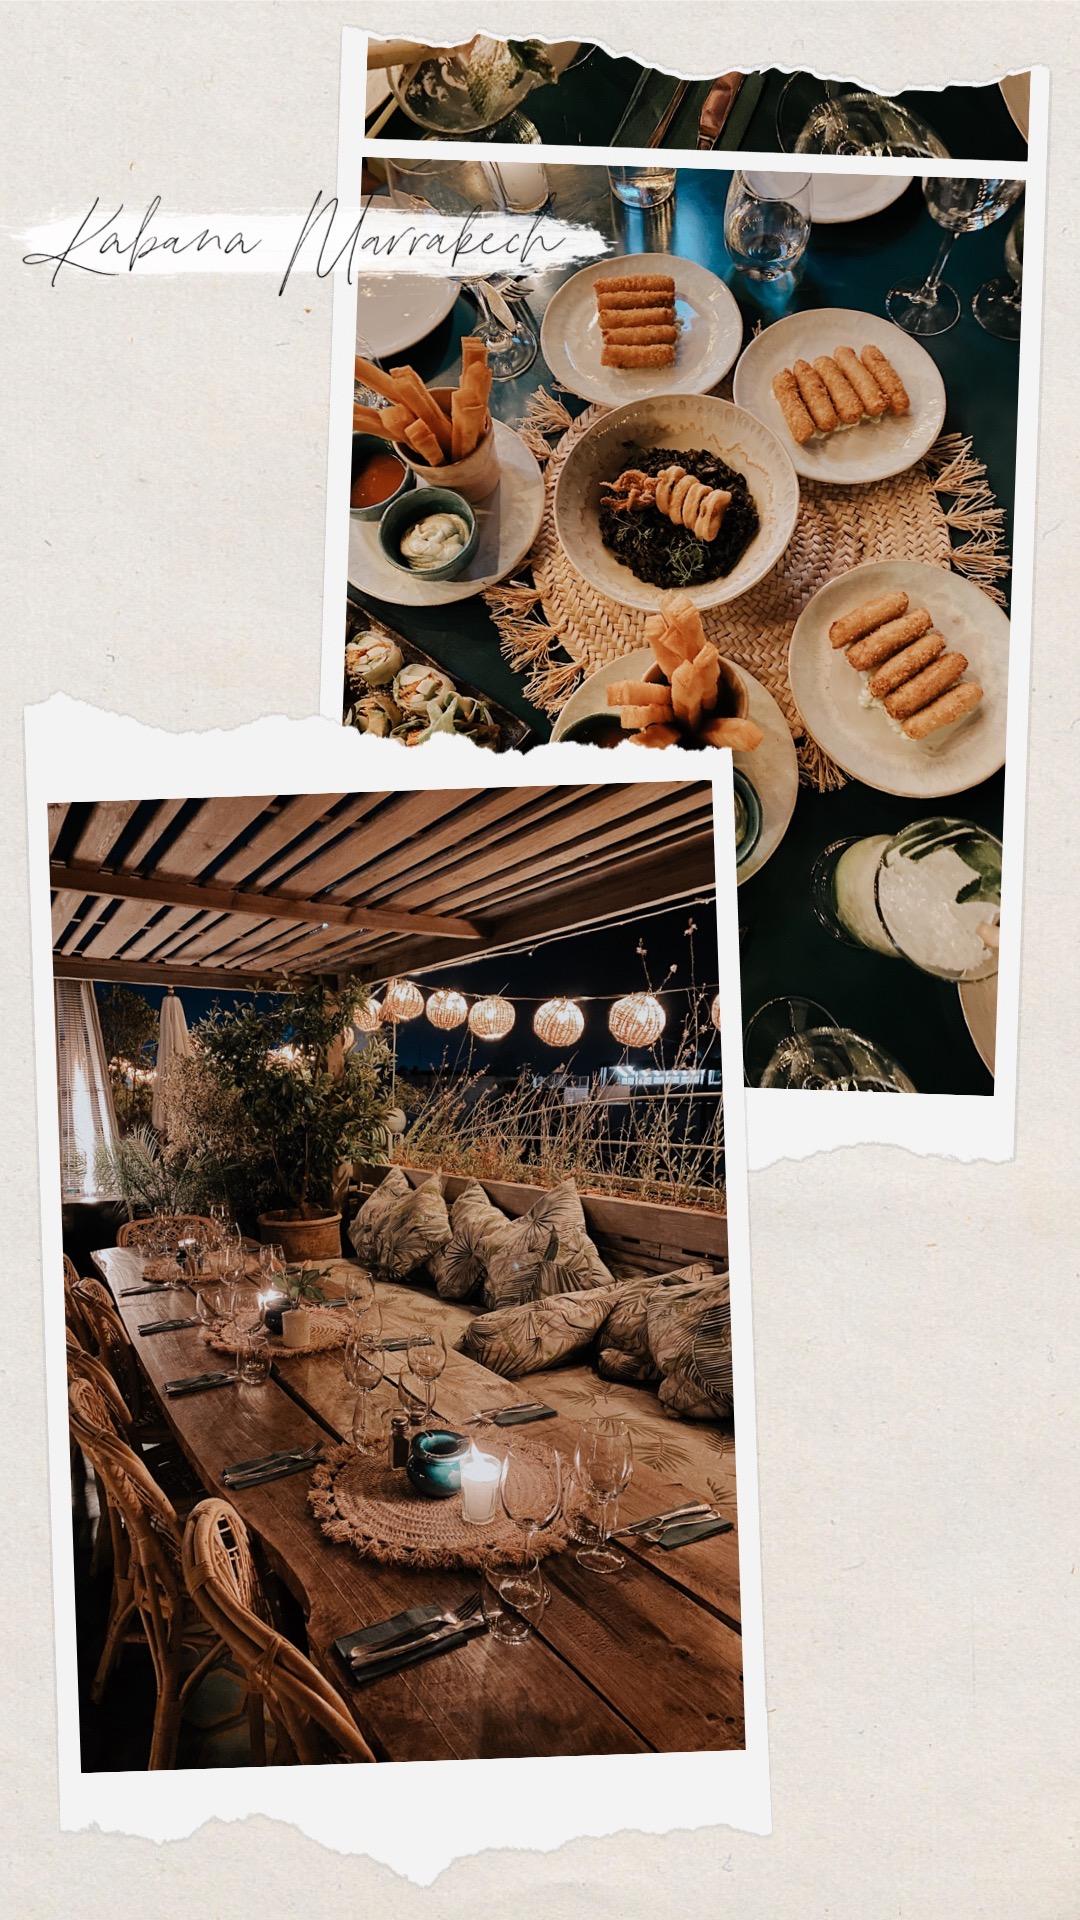 Restaurant Marrakech 4